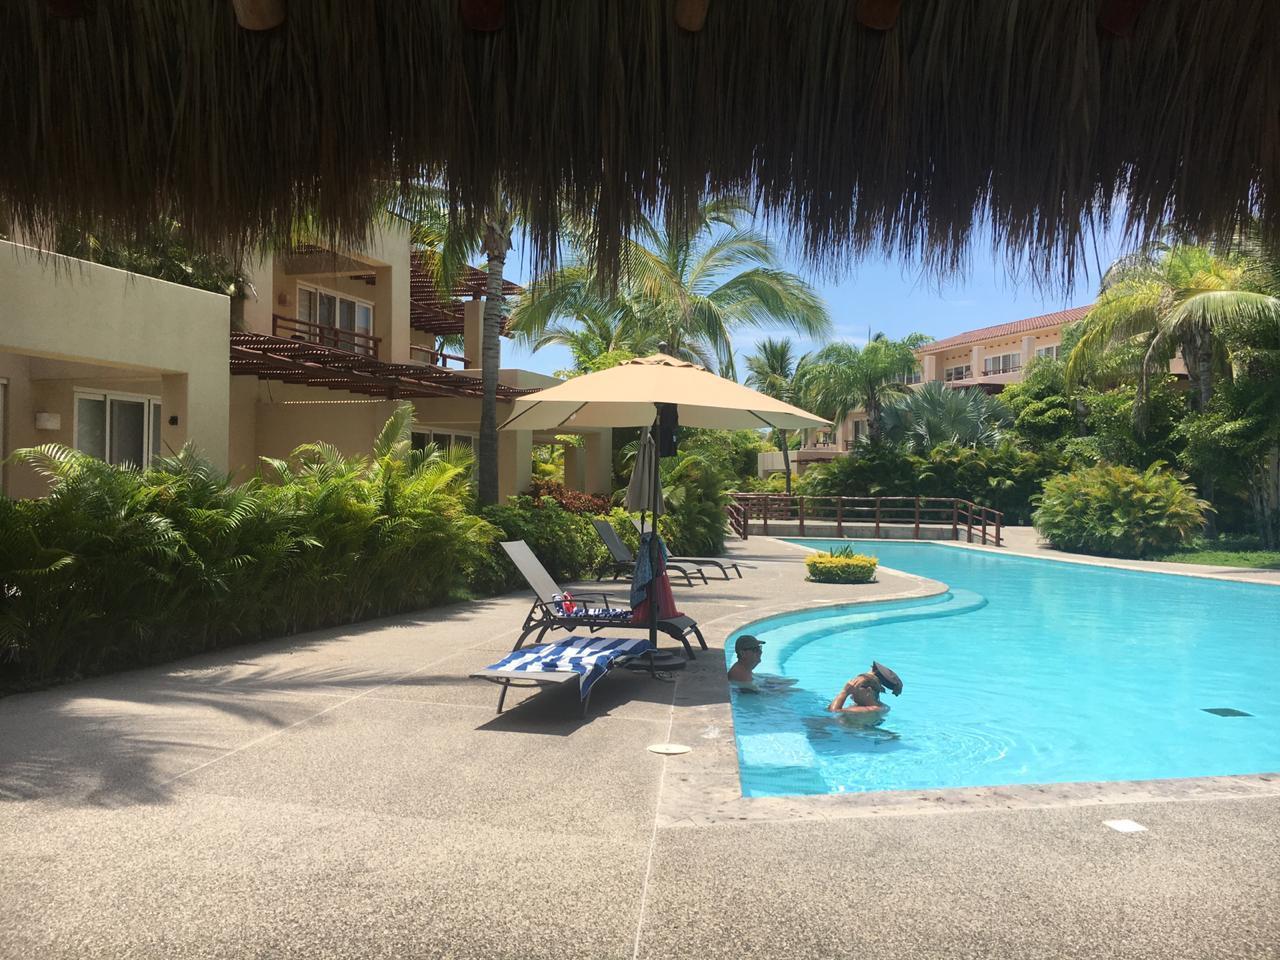 269 Ave. Paraiso 202, Isla Palmares, Riviera Nayarit, NA